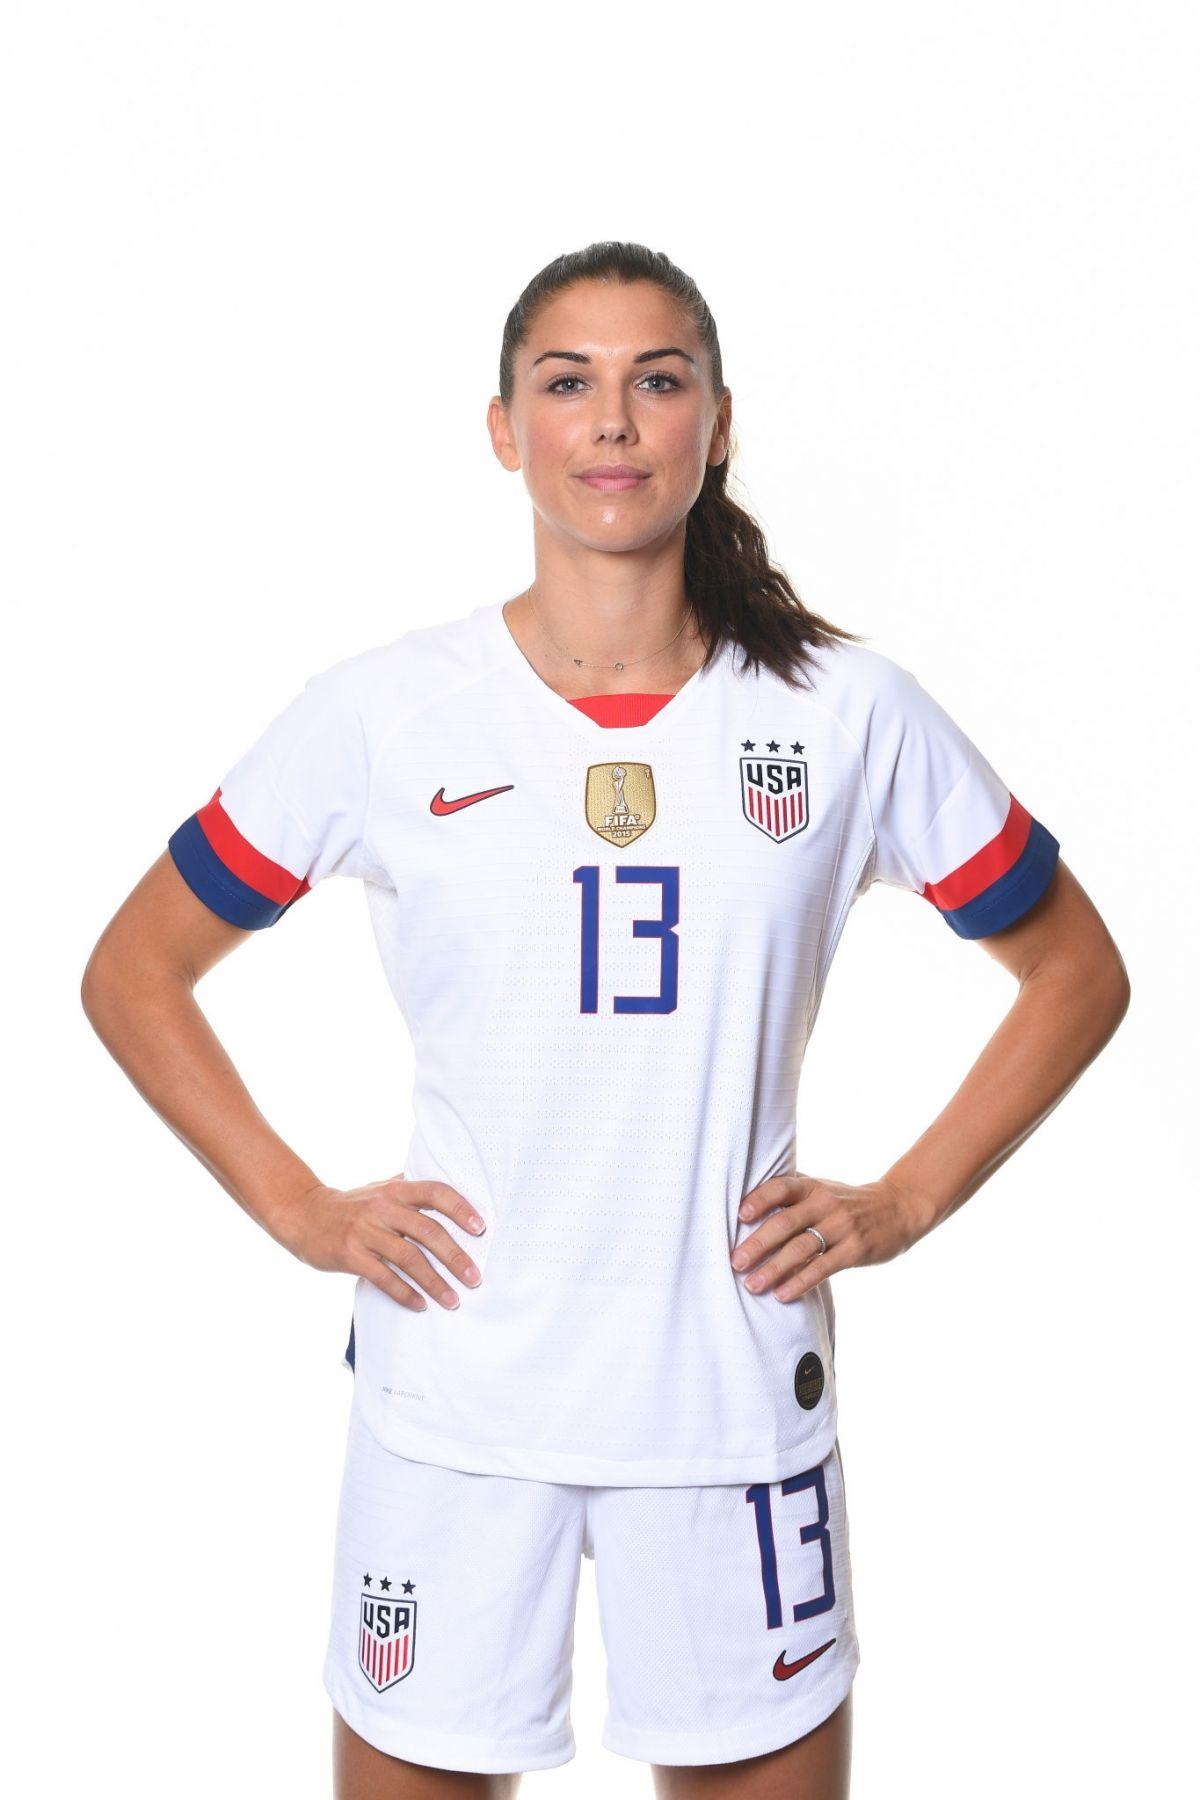 alex-morgan-fifa-world-cup-usa-team-portraits-june-2019-32.jpg&f=1&nofb=1